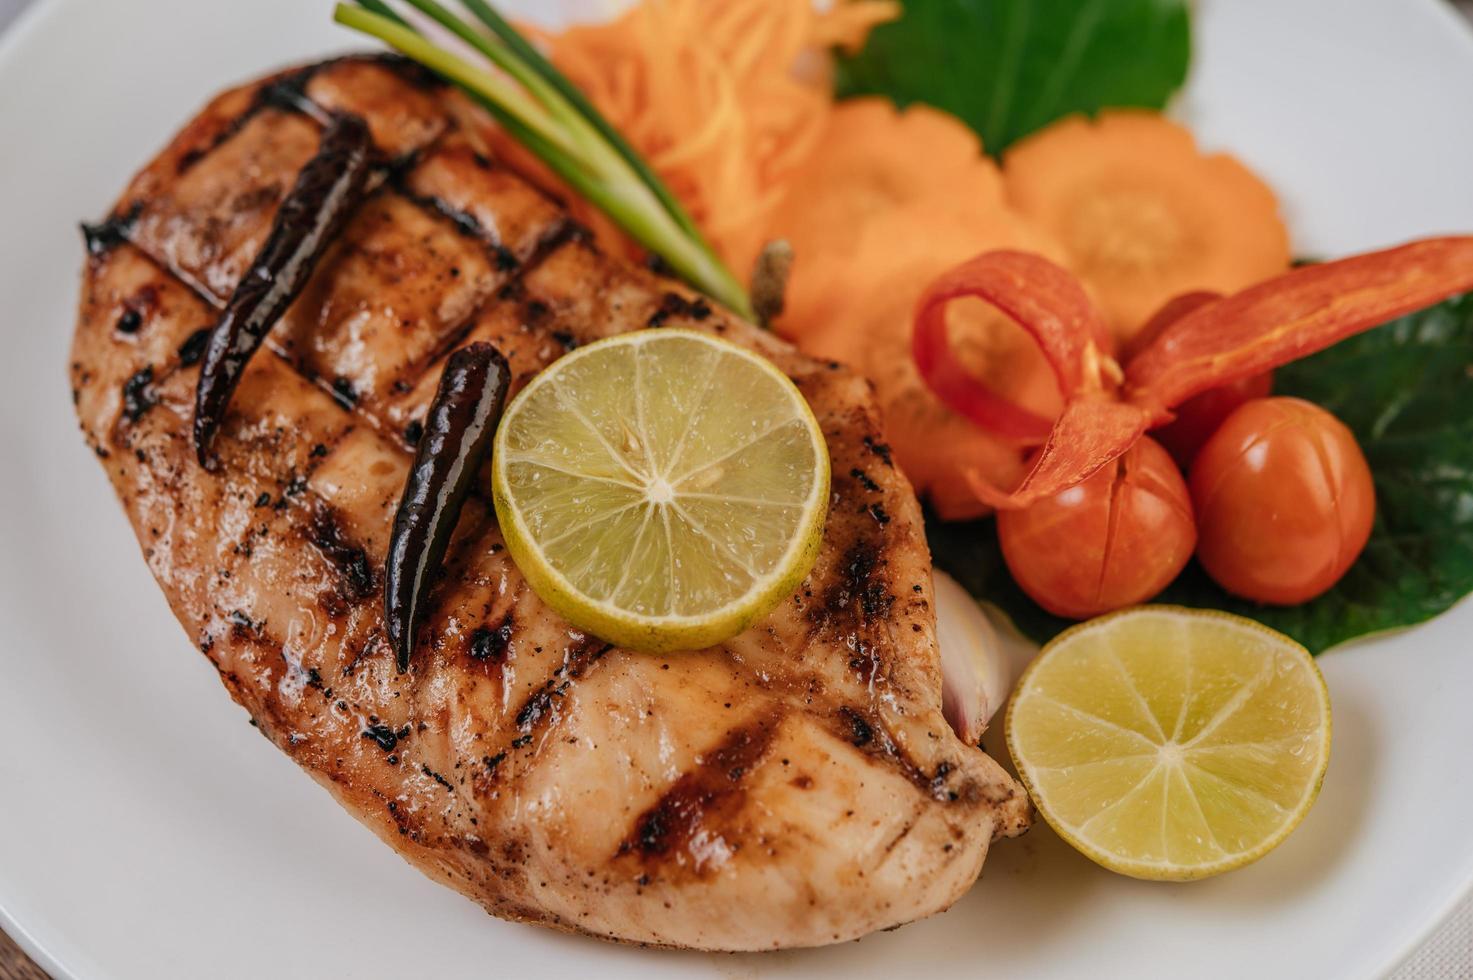 bistecca di pollo con verdure foto